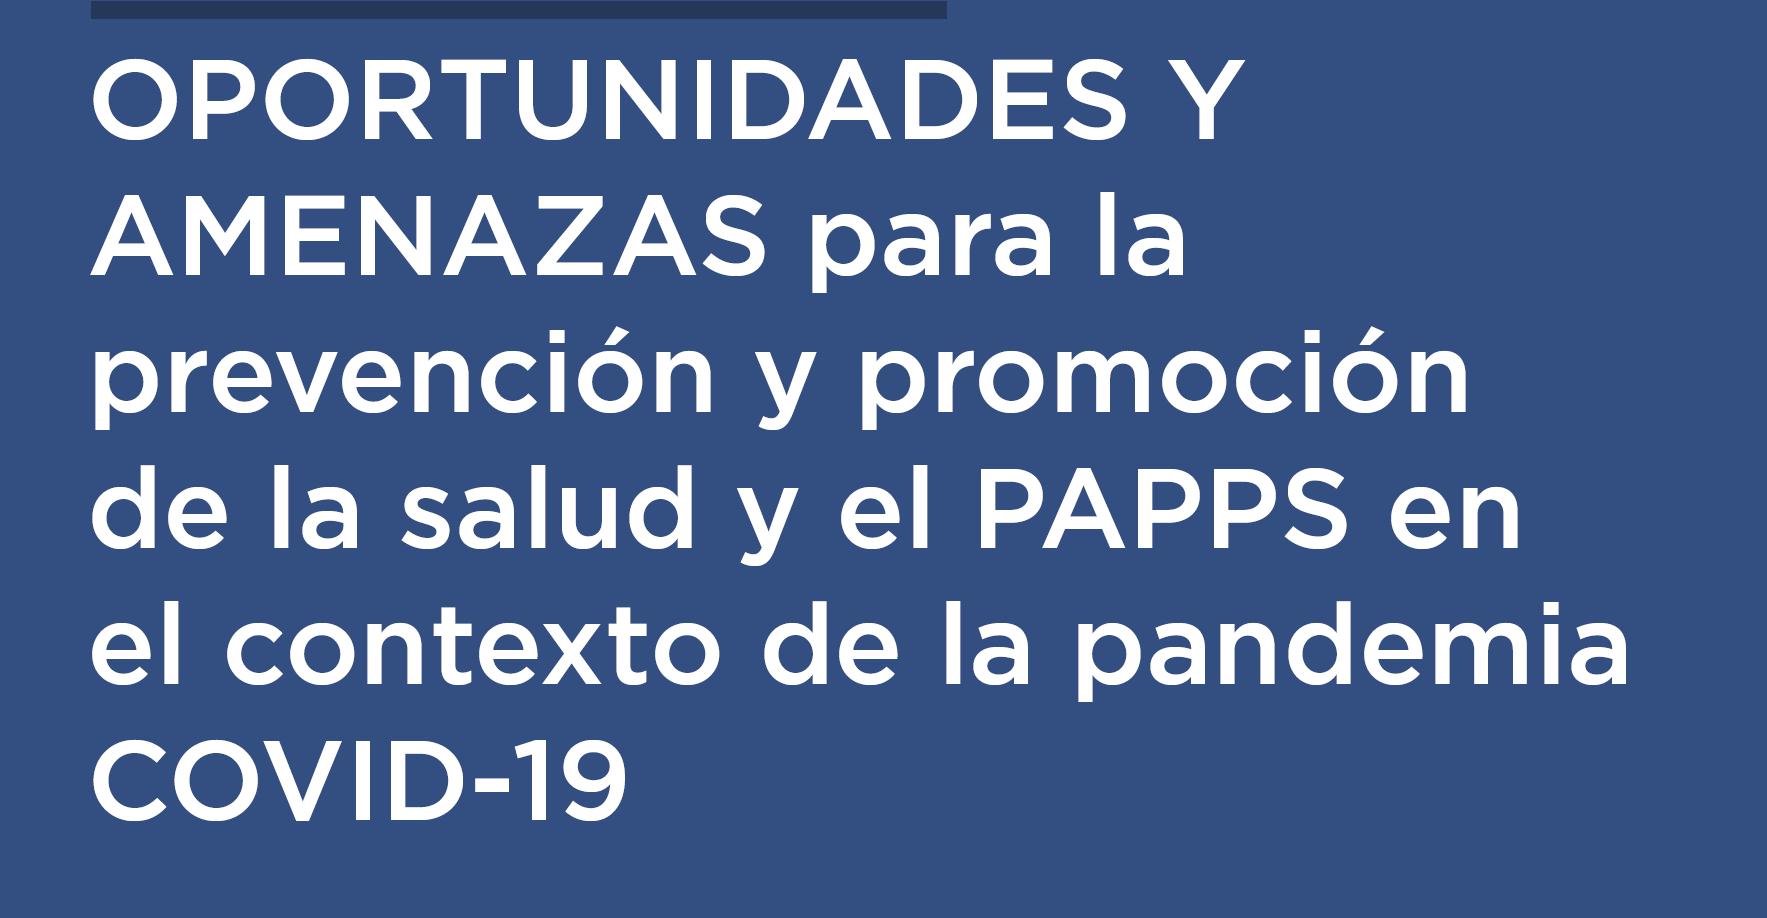 Oportunidades y Amenazas para la prevención y promoción de la salud y el PAPPS en el contexto de la pandemia COVID-19